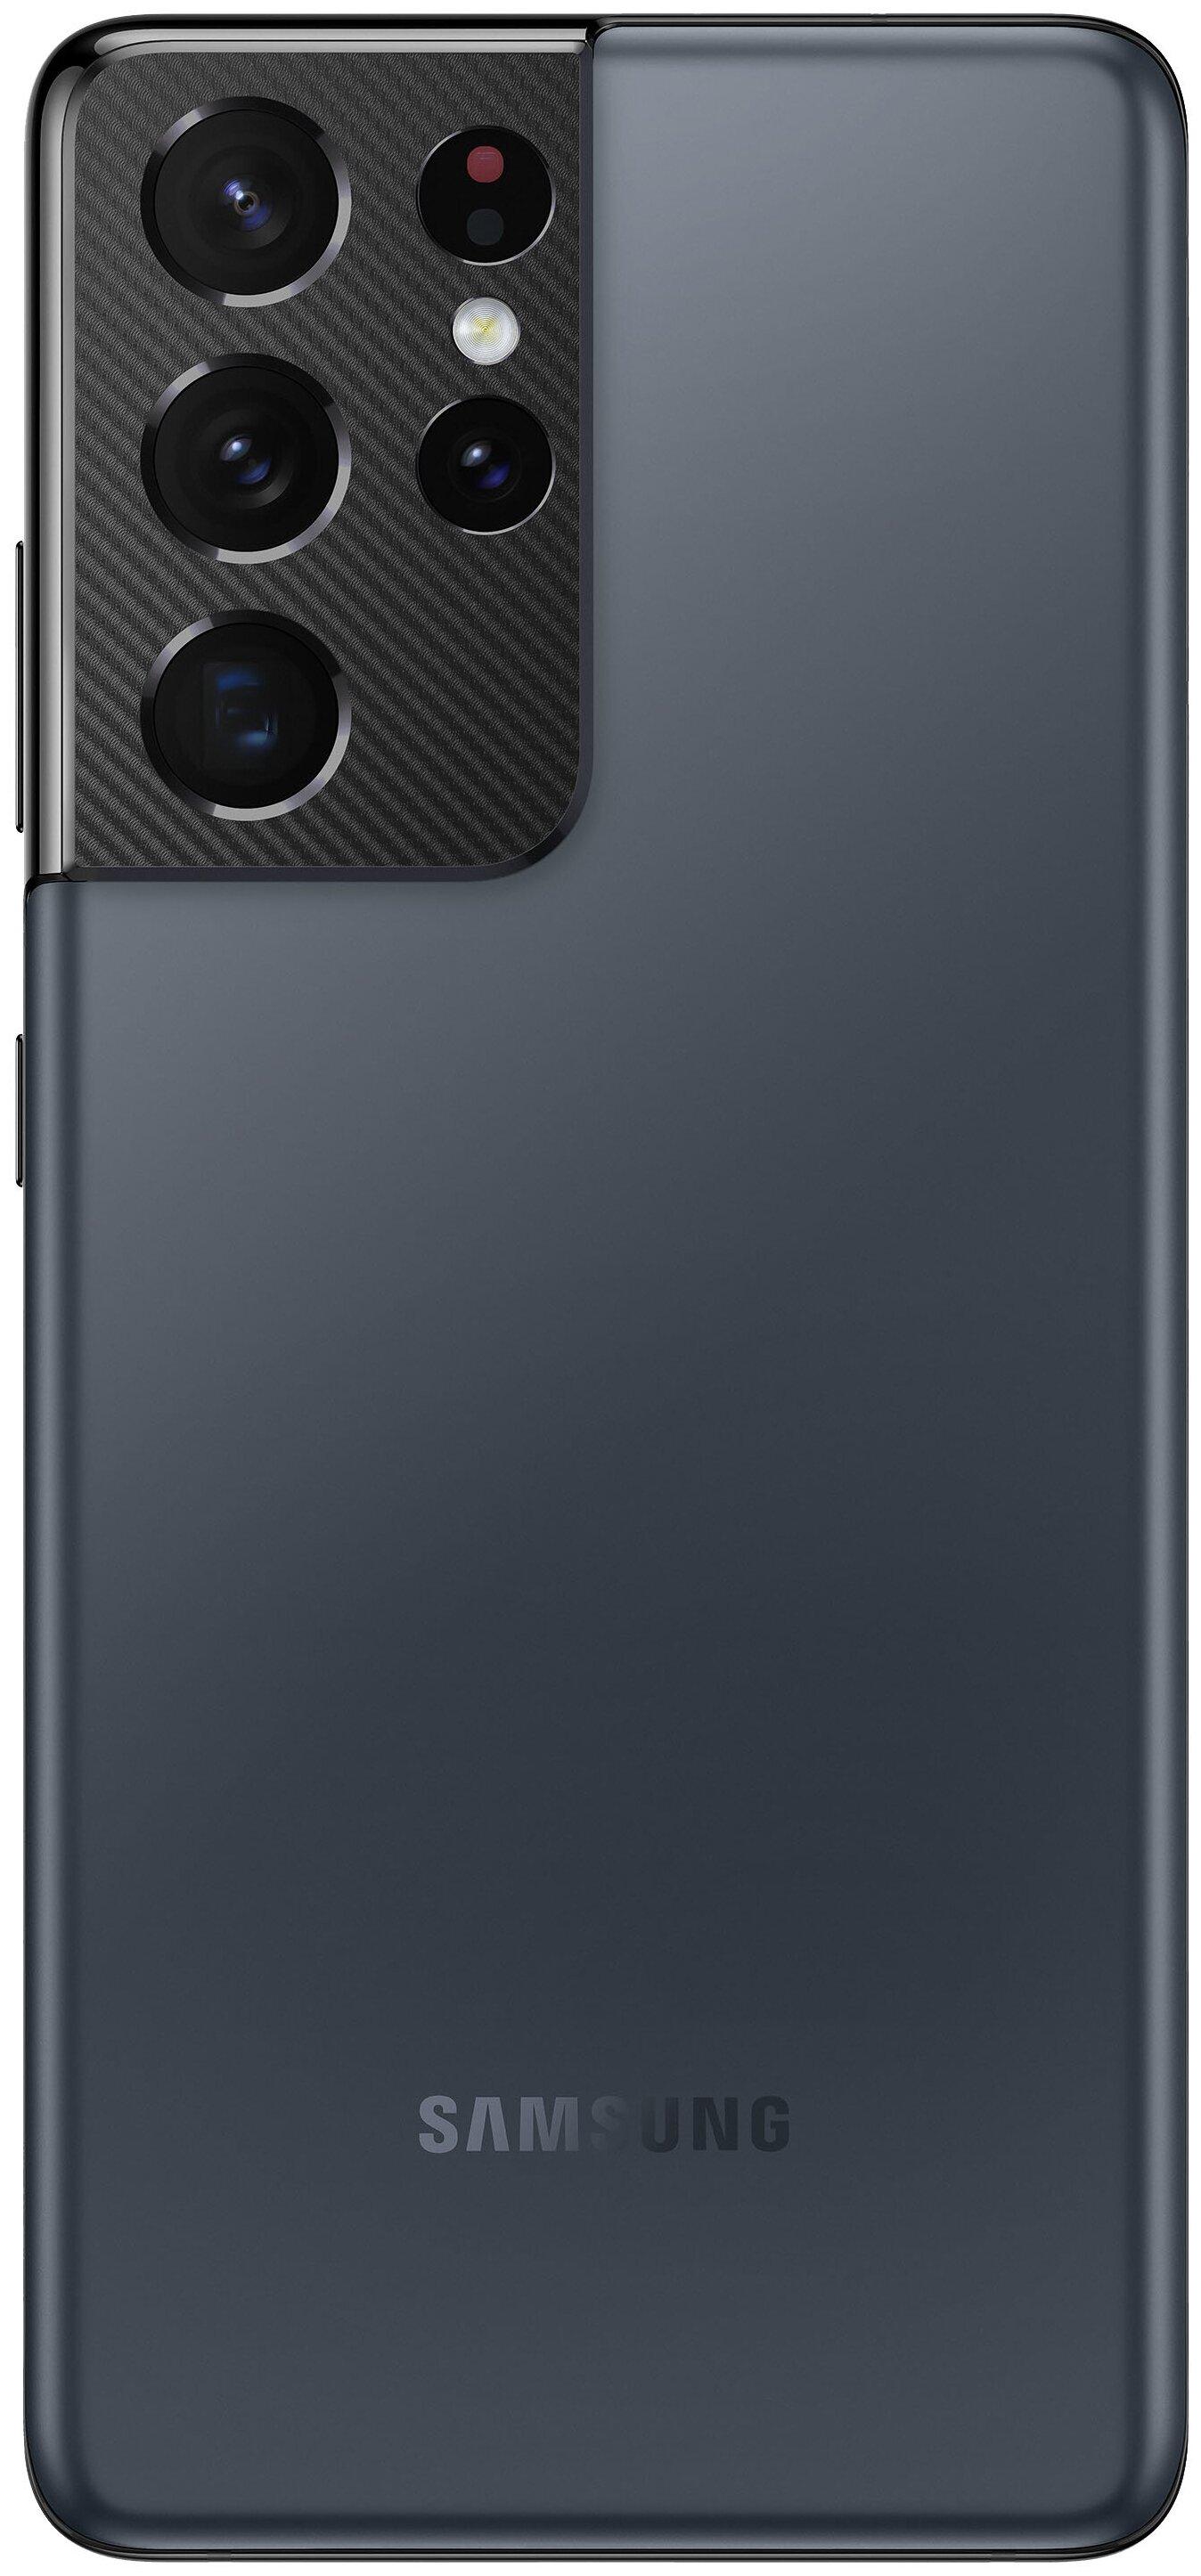 Samsung Galaxy S21 Ultra 5G 12/128GB - интернет: 4G LTE, 5G